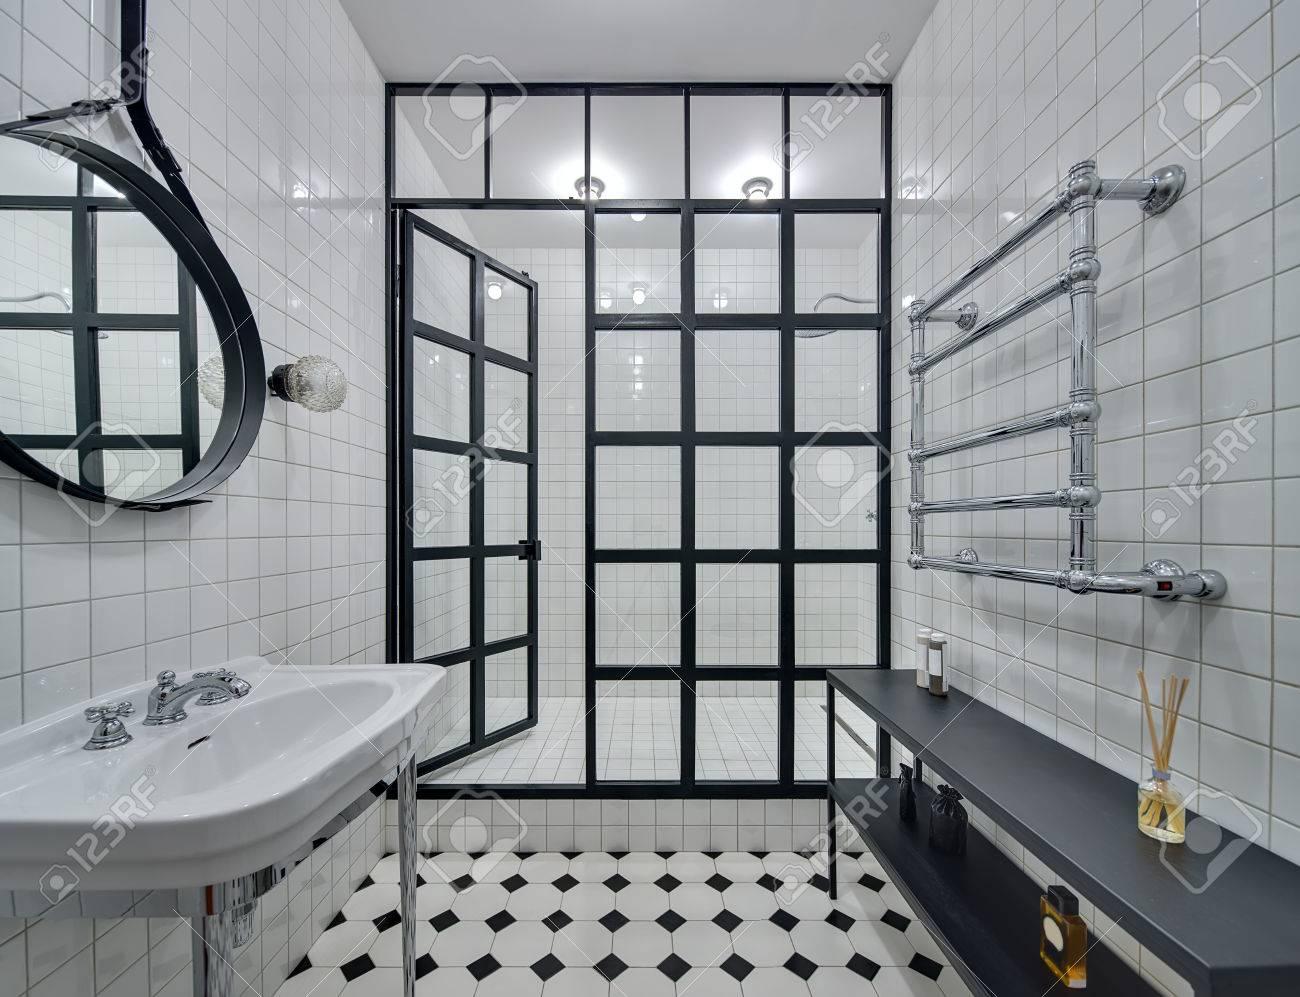 cuarto de bao con paredes de azulejos blancos hay lavabo blanco negro espejo